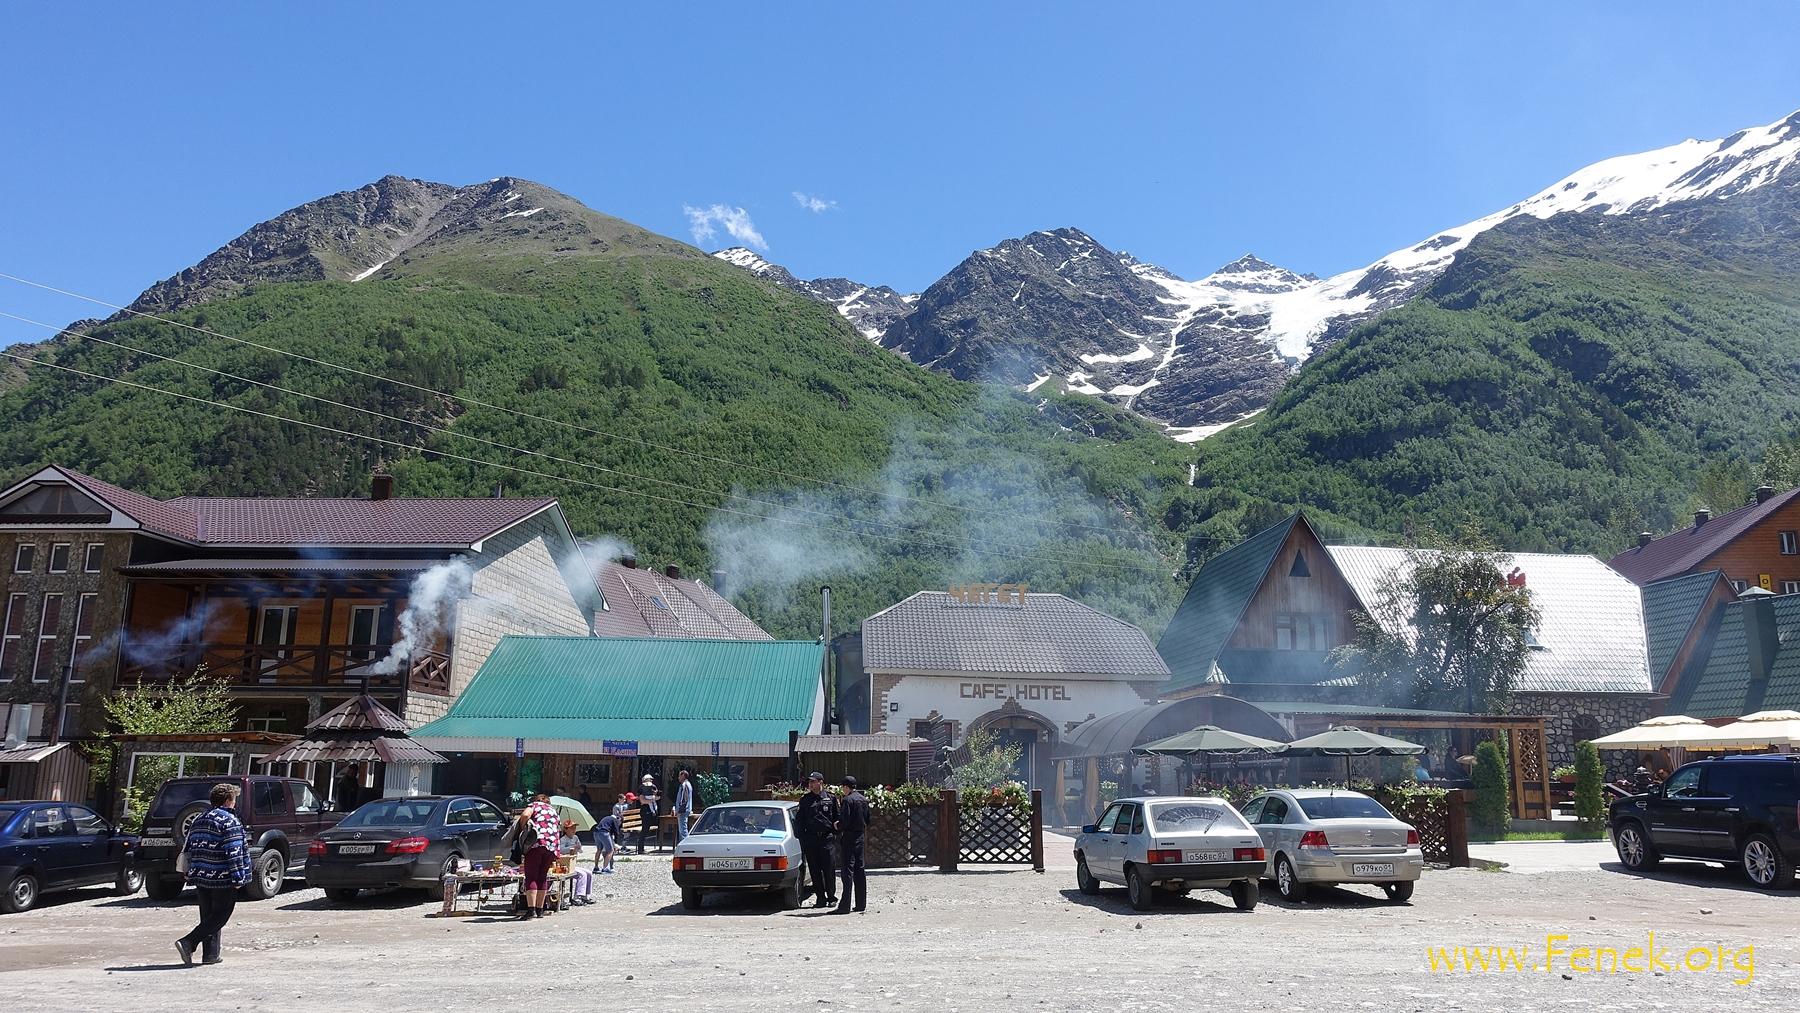 Cheget - eines der Dörfer am Fusse des Elbrus